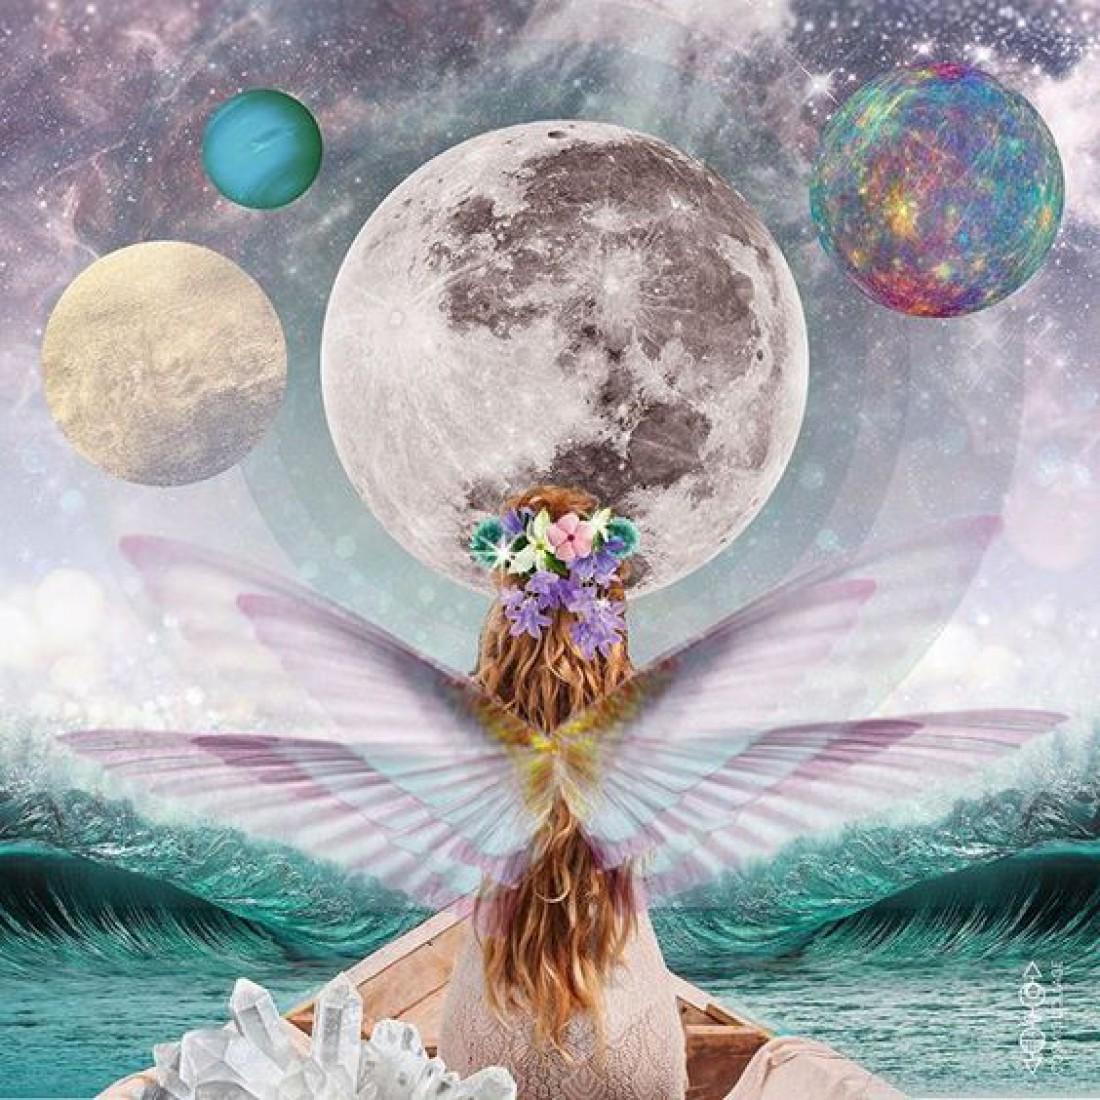 Полнолуние и Новолуние в июле 2020: даты и астрологический прогноз